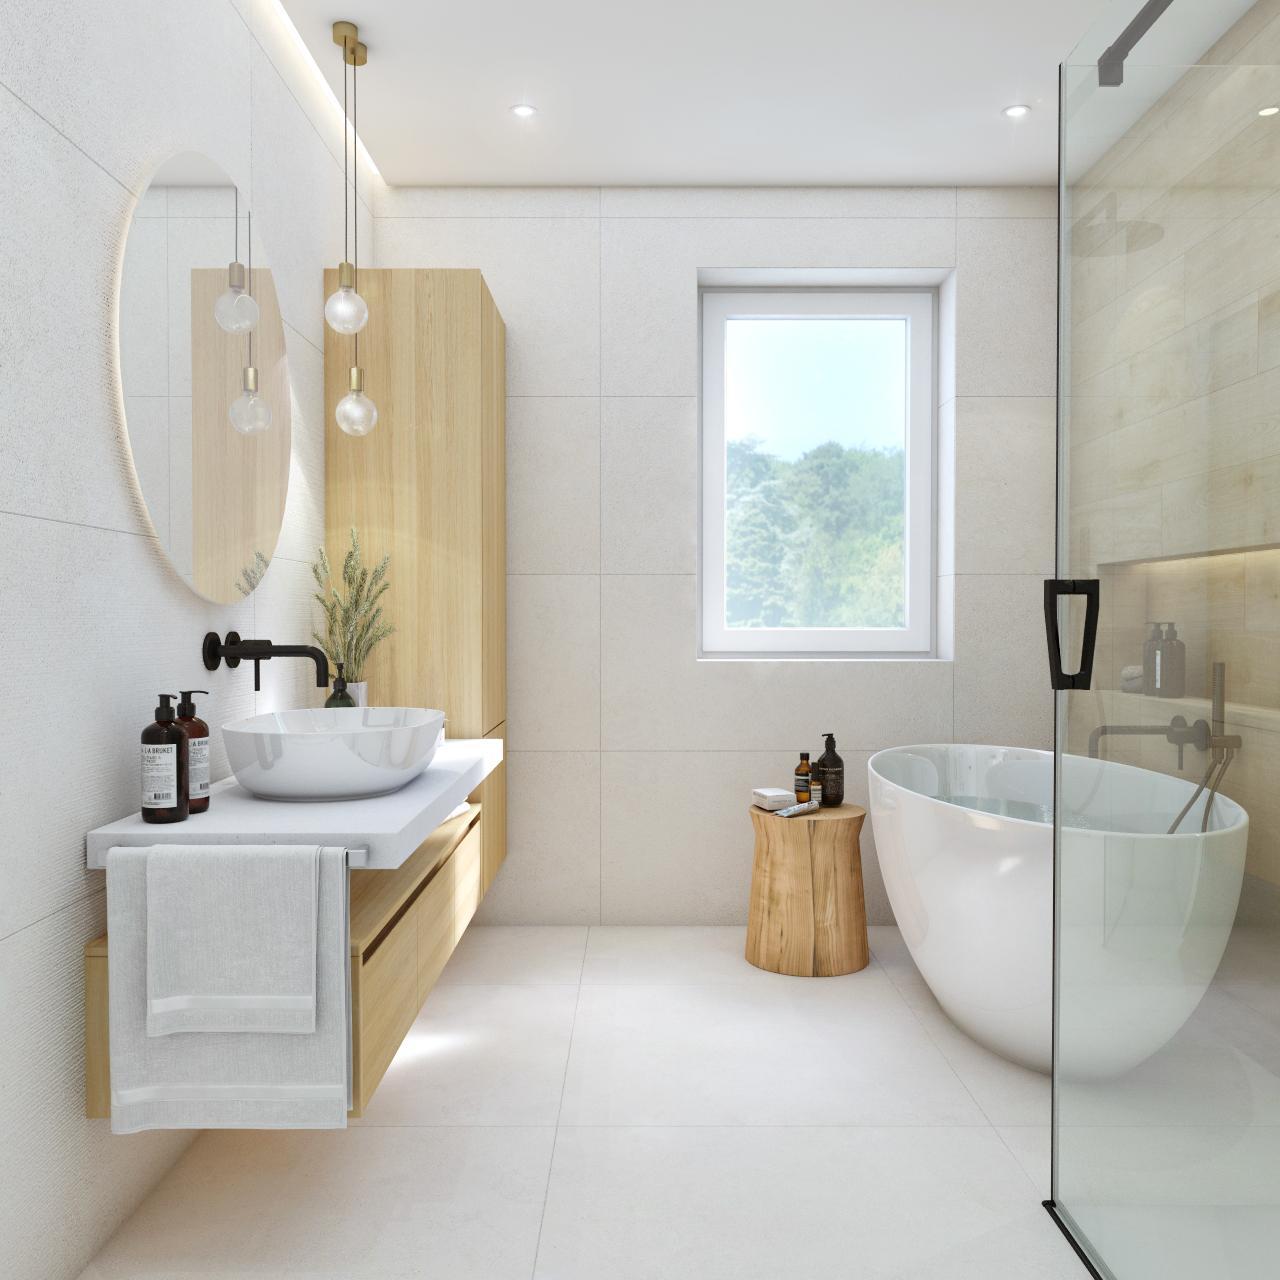 Návrhy kúpeľní 2021 - Obrázok č. 31